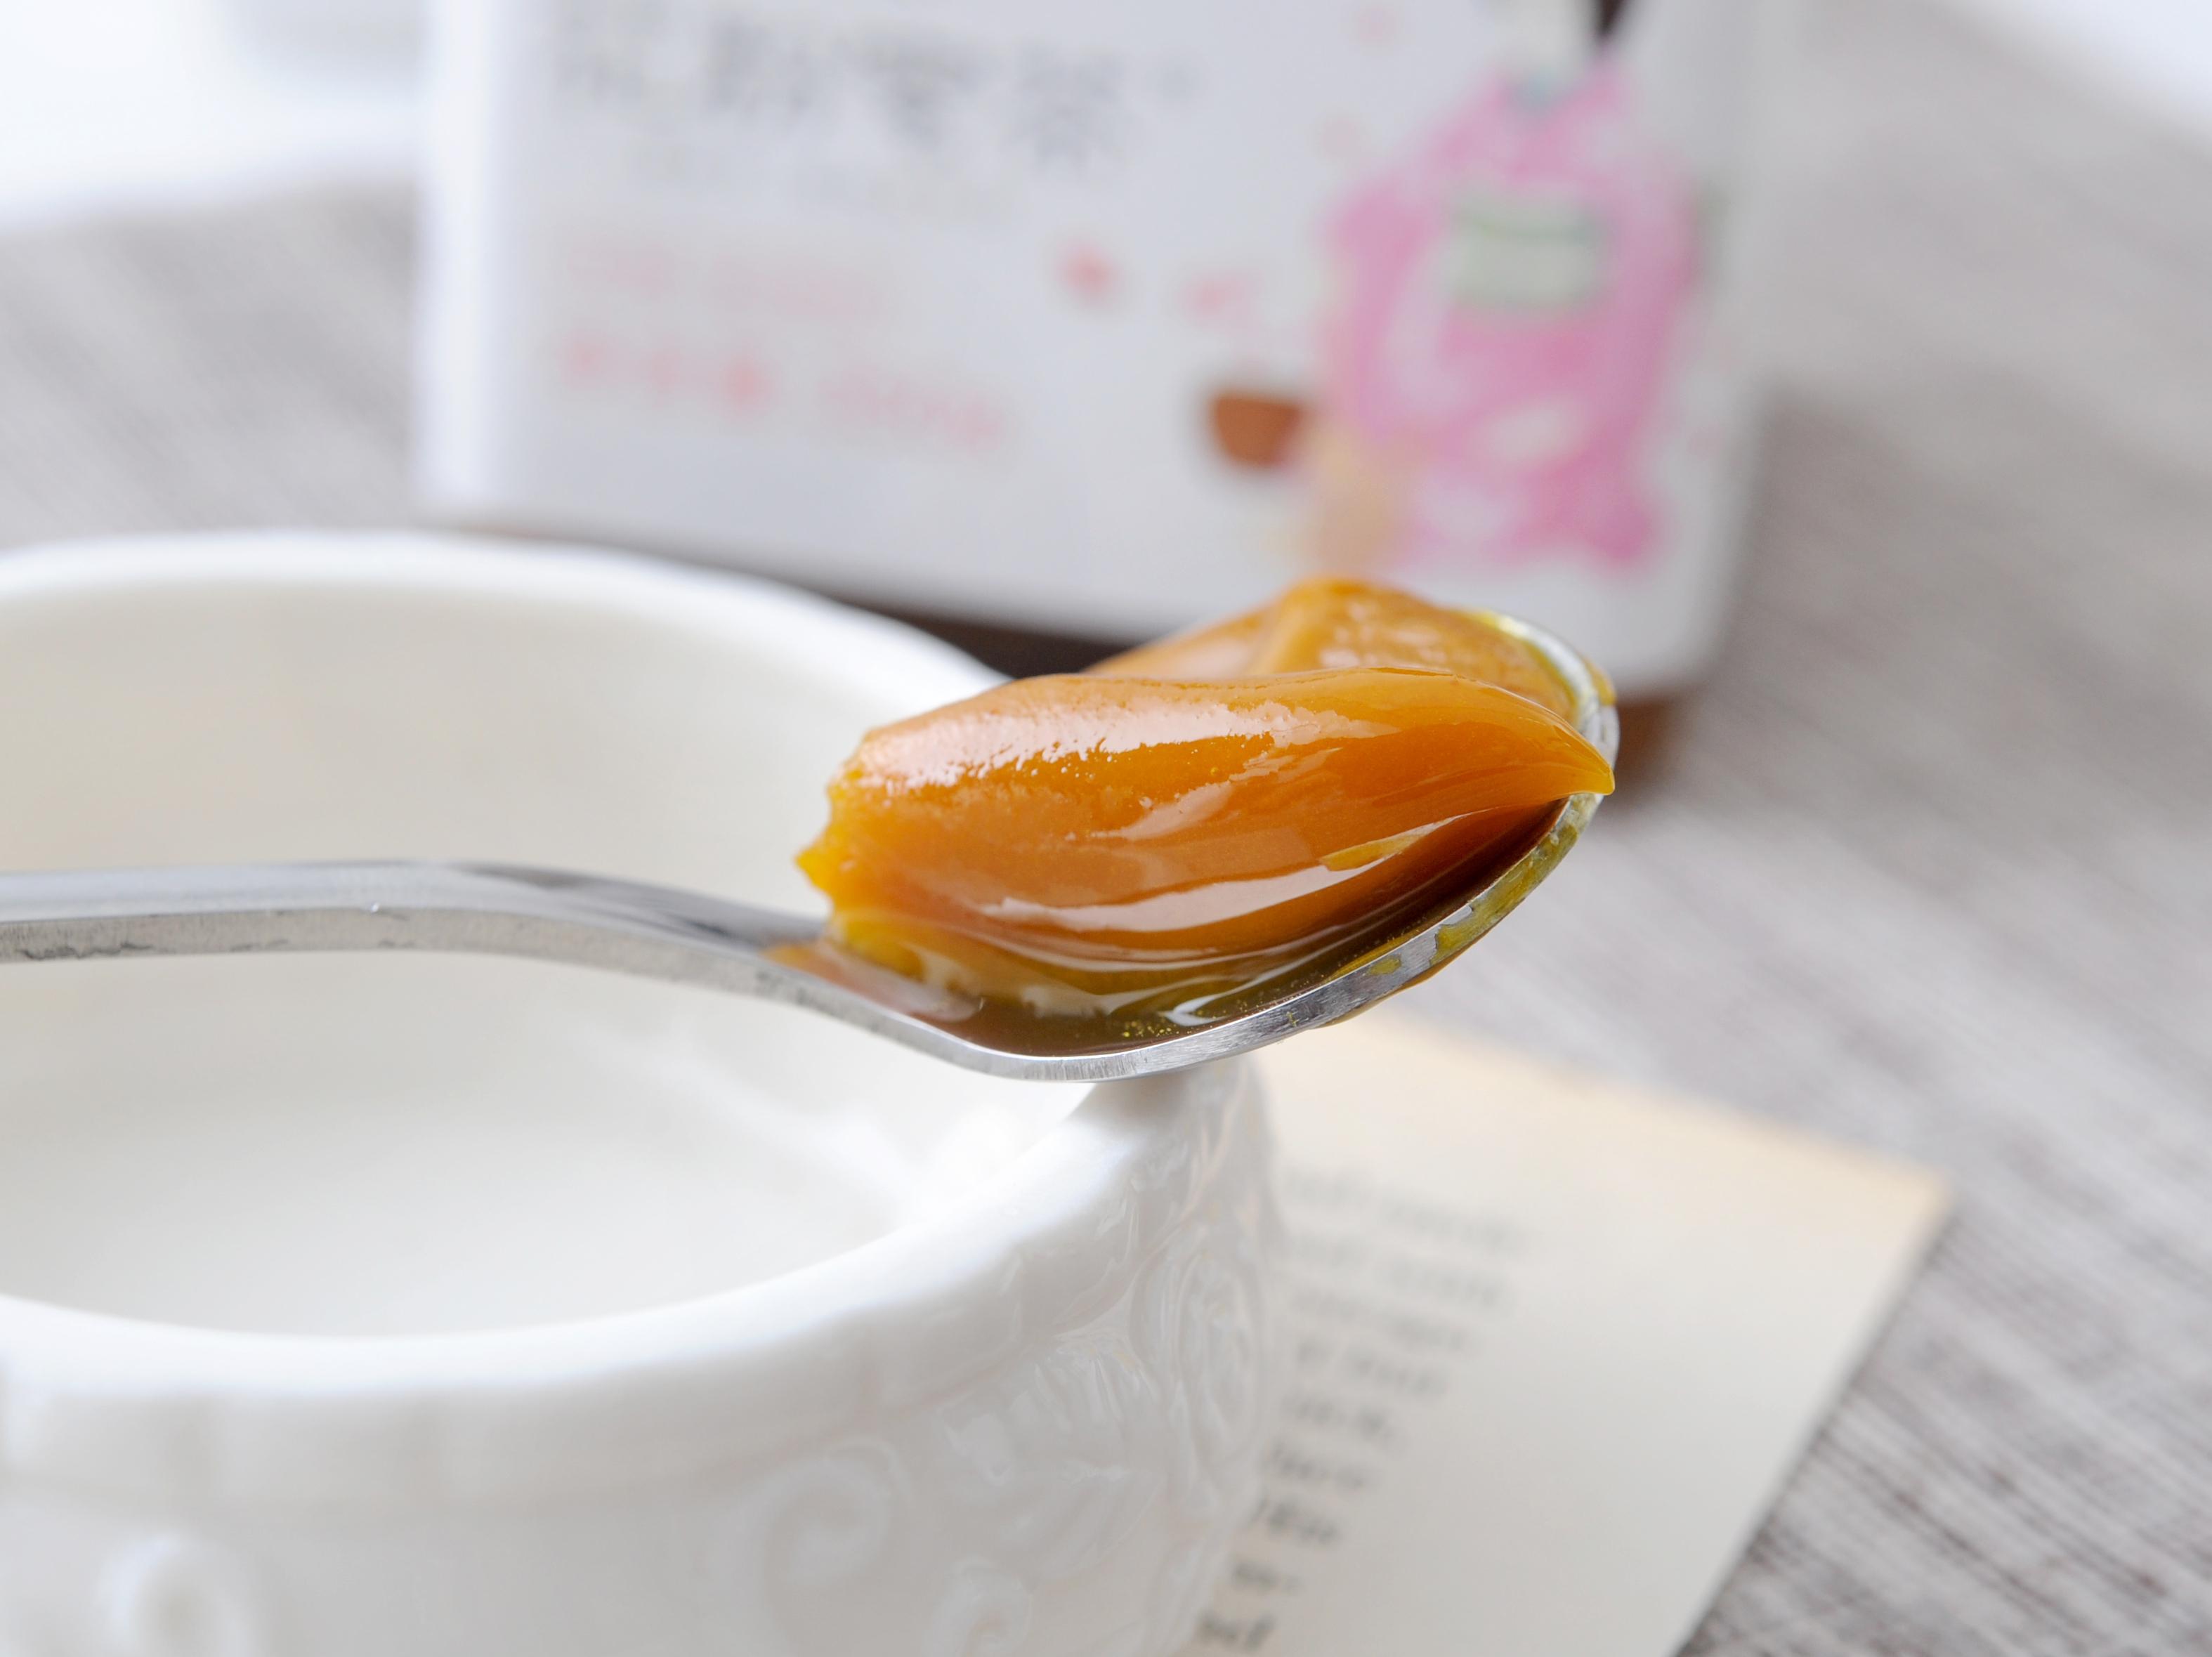 国家食药监局发布:1岁以下婴儿不宜食用蜂蜜